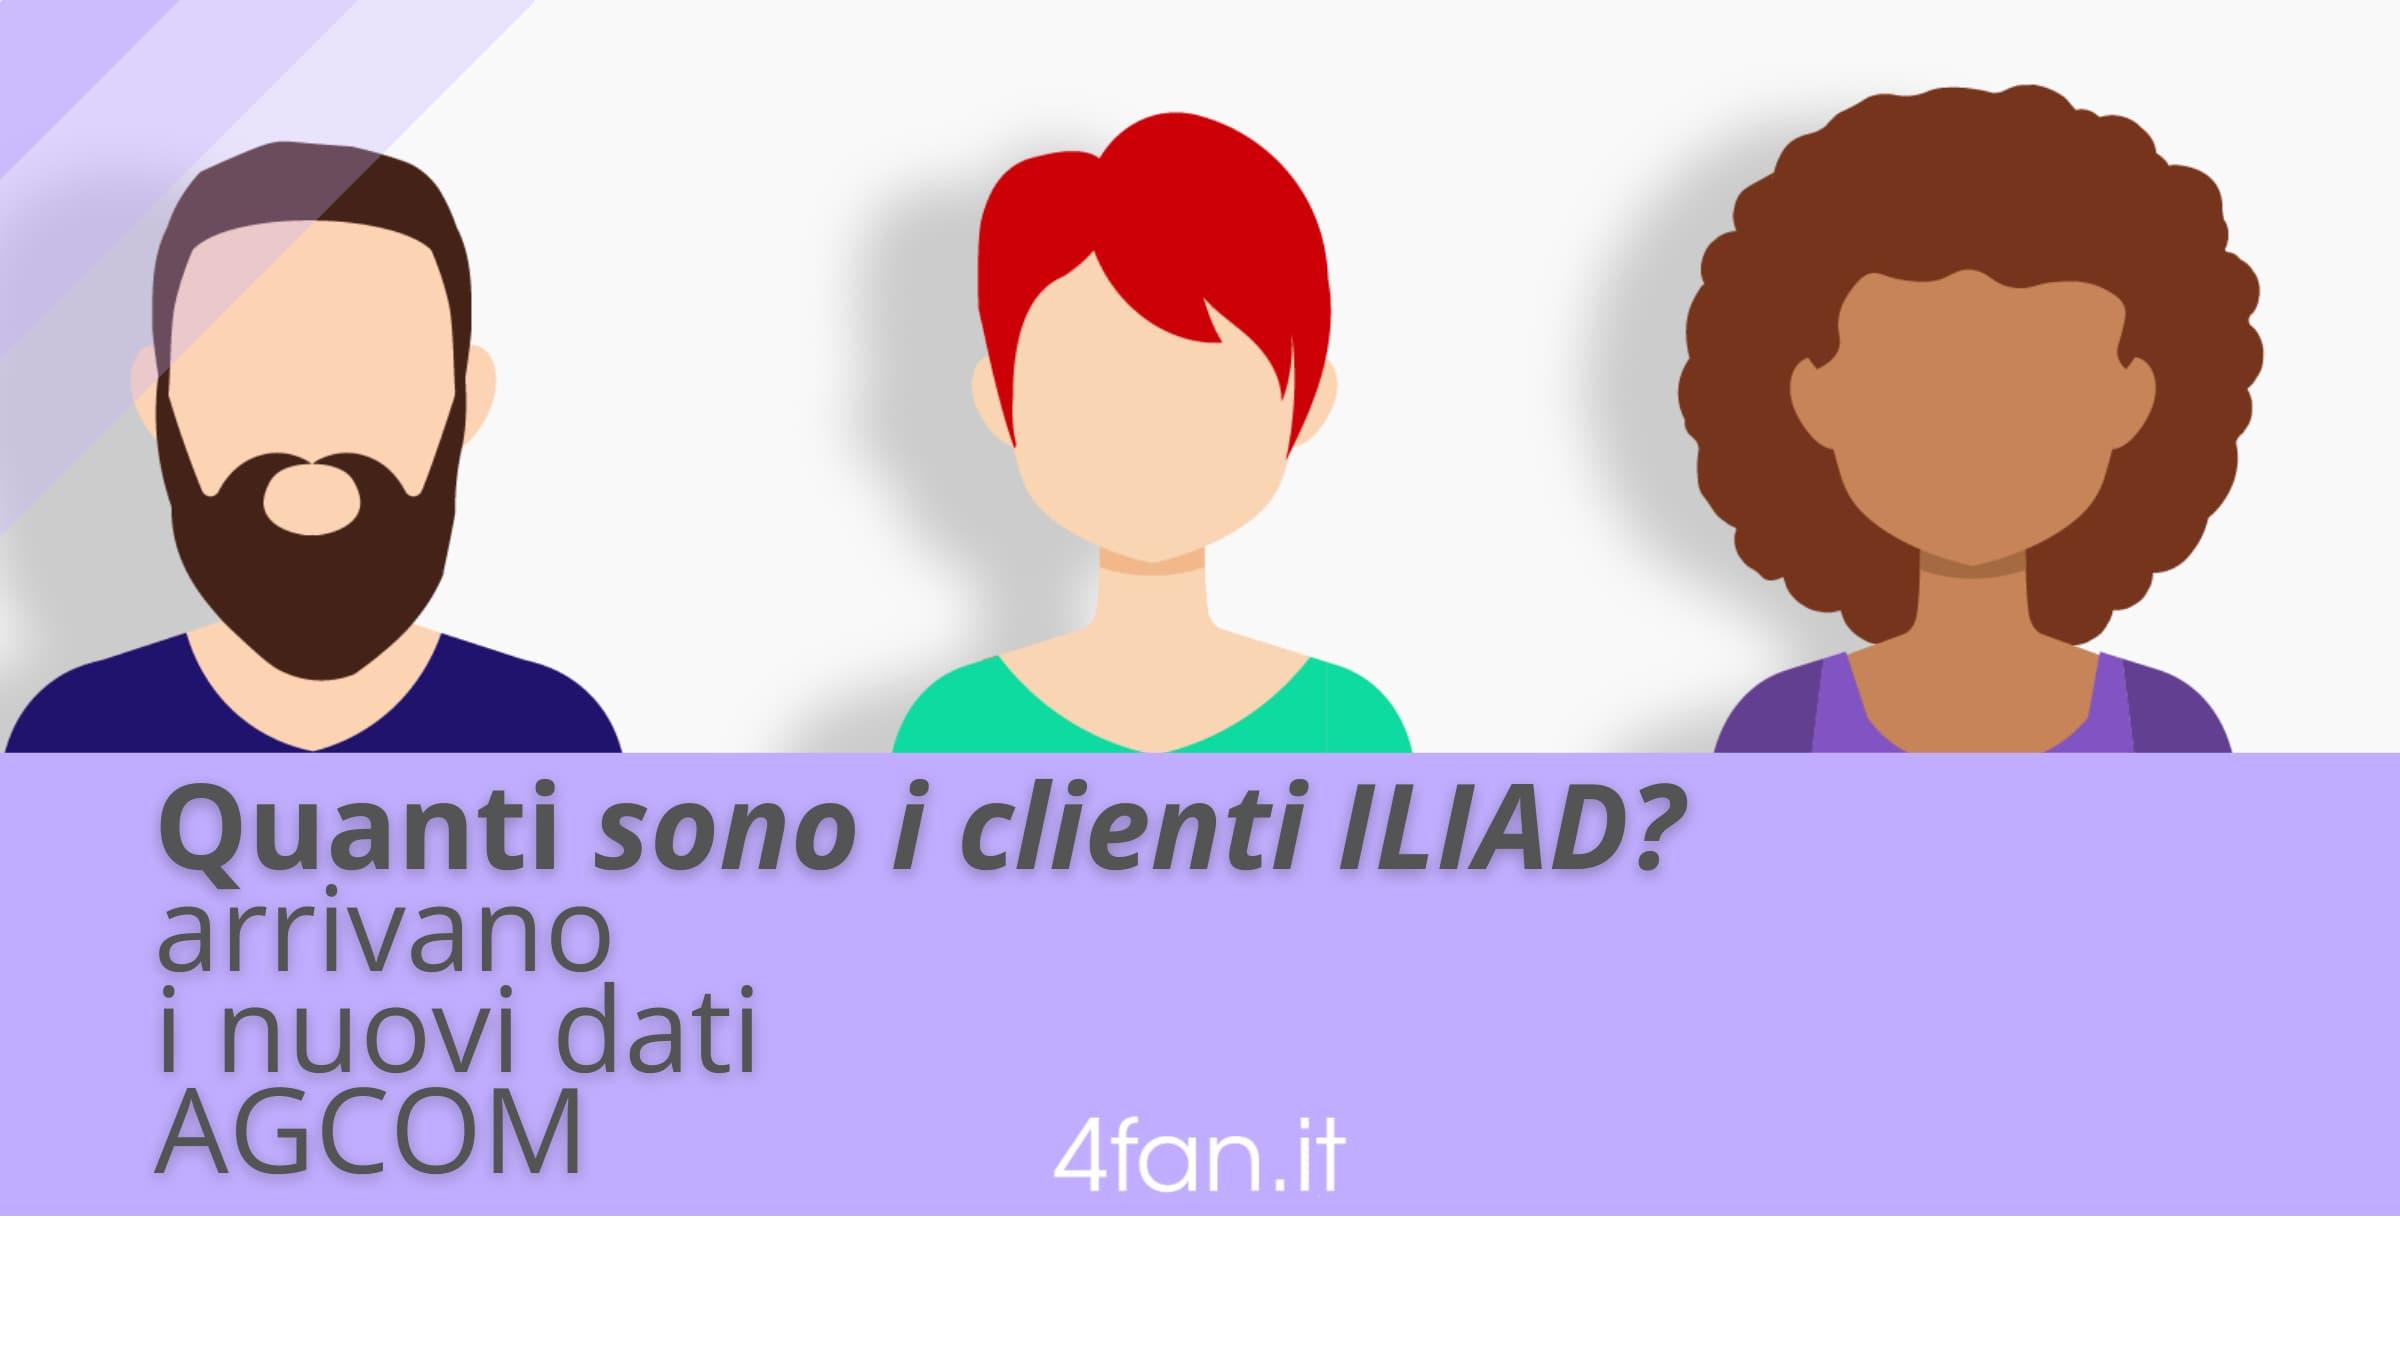 Quanti sono i clienti Iliad